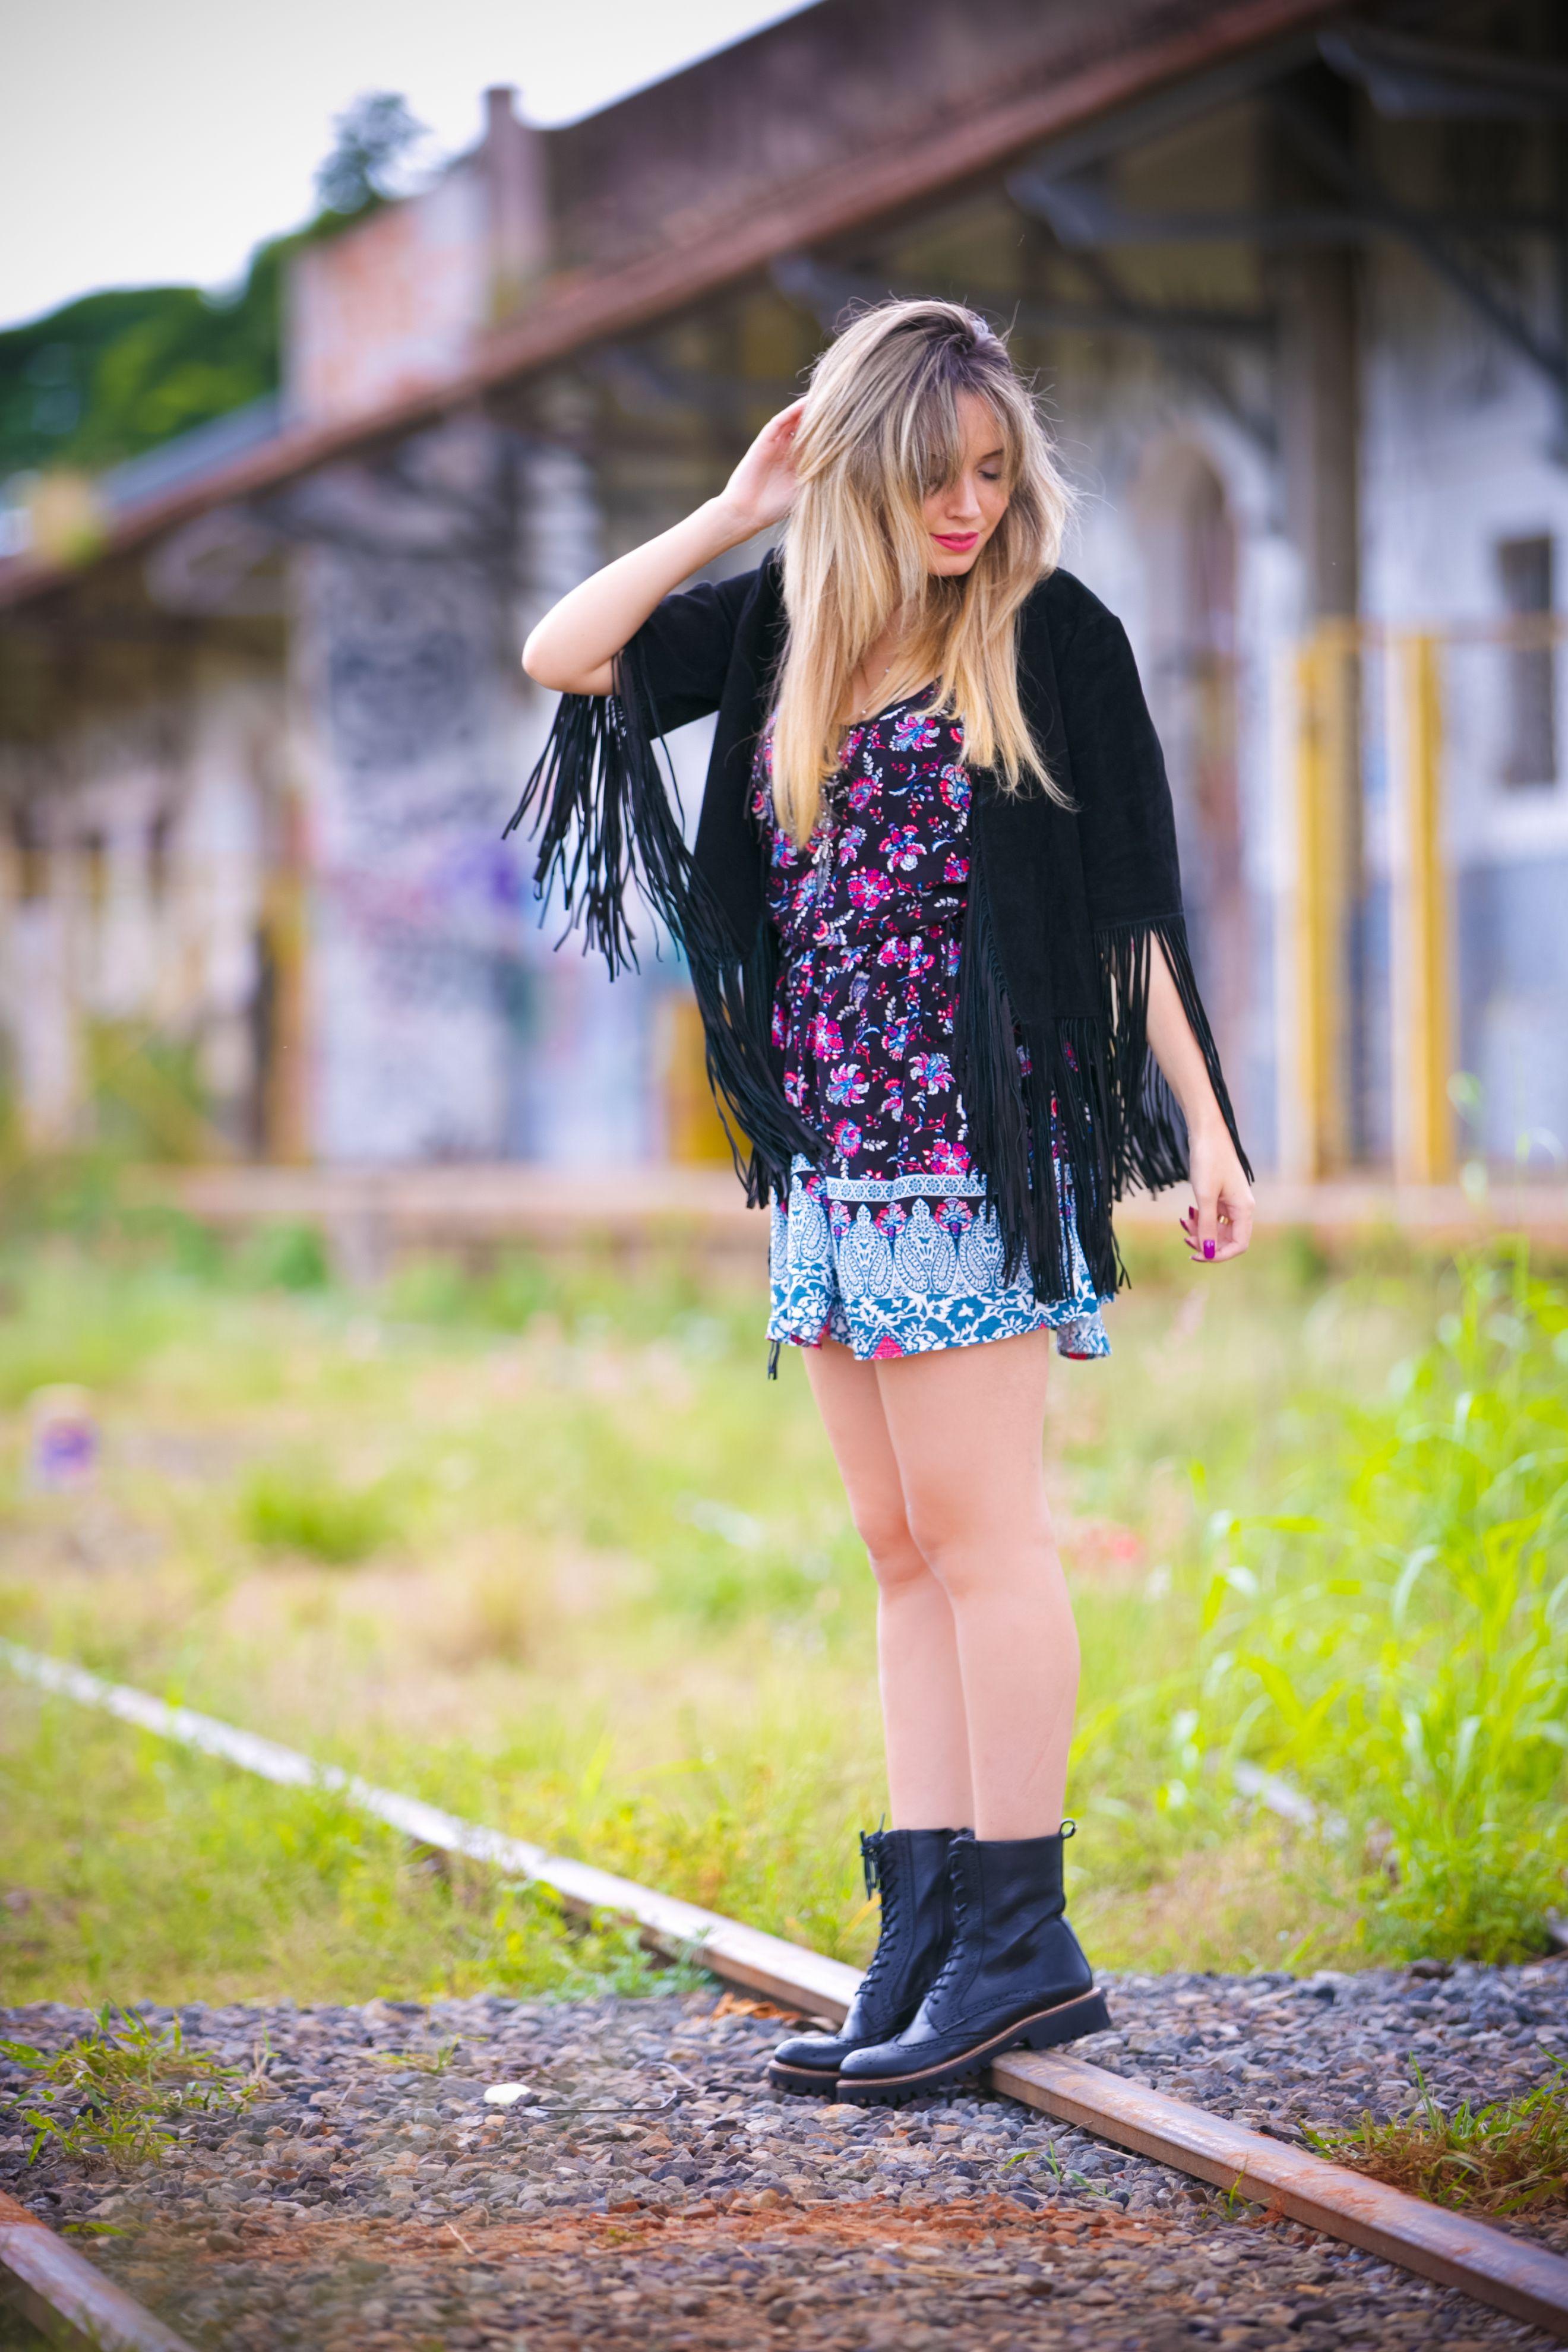 Olá meninas! Esses dias postei AQUI no blog um look com saia de franjas, né? Pois olha elaaaaaaa, a louca das franjas ataca novamente e dessa vez vou usar uma jaqueta com franjas, isso mesmo. Achei tão bonita que não resisti e aproveitei para usar num dia de chuva essa semana (ok, isso não tem …